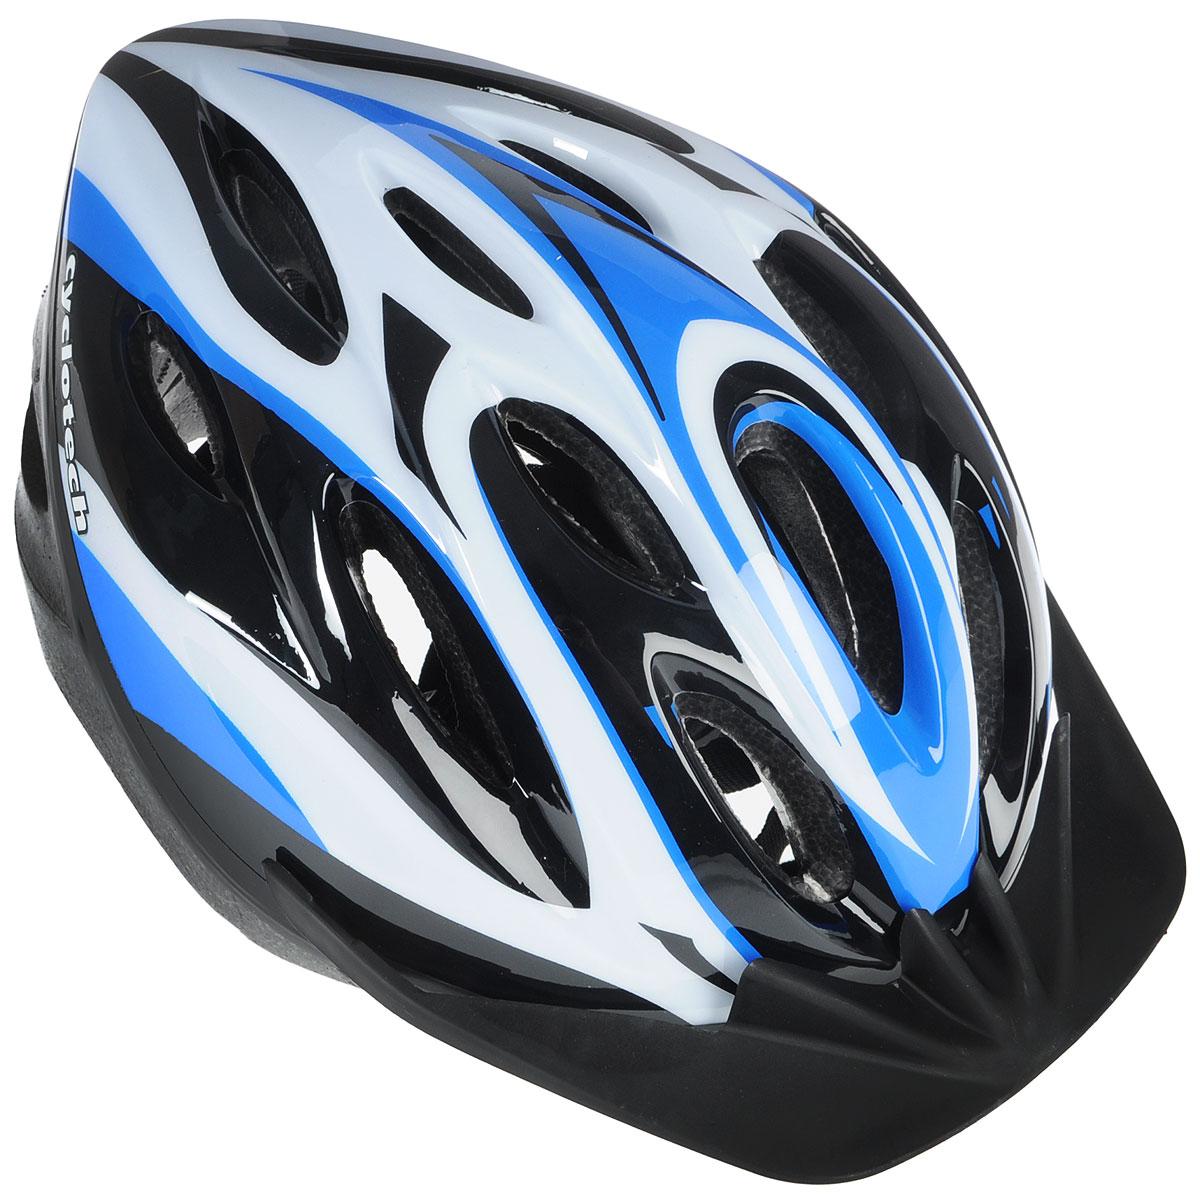 Шлем велосипедный Cyclotech, цвет: черный, синий, белый. Размер LCHLI15W-LШлем Cyclotech изготовлен по технологии OutMold, которая обеспечивает хорошее сочетание невысокой цены и достаточной технологичности. Увеличенное количество вентиляционных отверстий обеспечивает отличную циркуляцию воздуха на любой скорости при сохранении жесткости шлема. Верхняя часть изделия выполнена из прочного пластика, внутренняя - пенополистирол. Шлем снабжен универсальным внутренним настроечным кольцом и регулируемыми текстильными ремешками. Шлем соответствует международным стандартам безопасности и надежности.